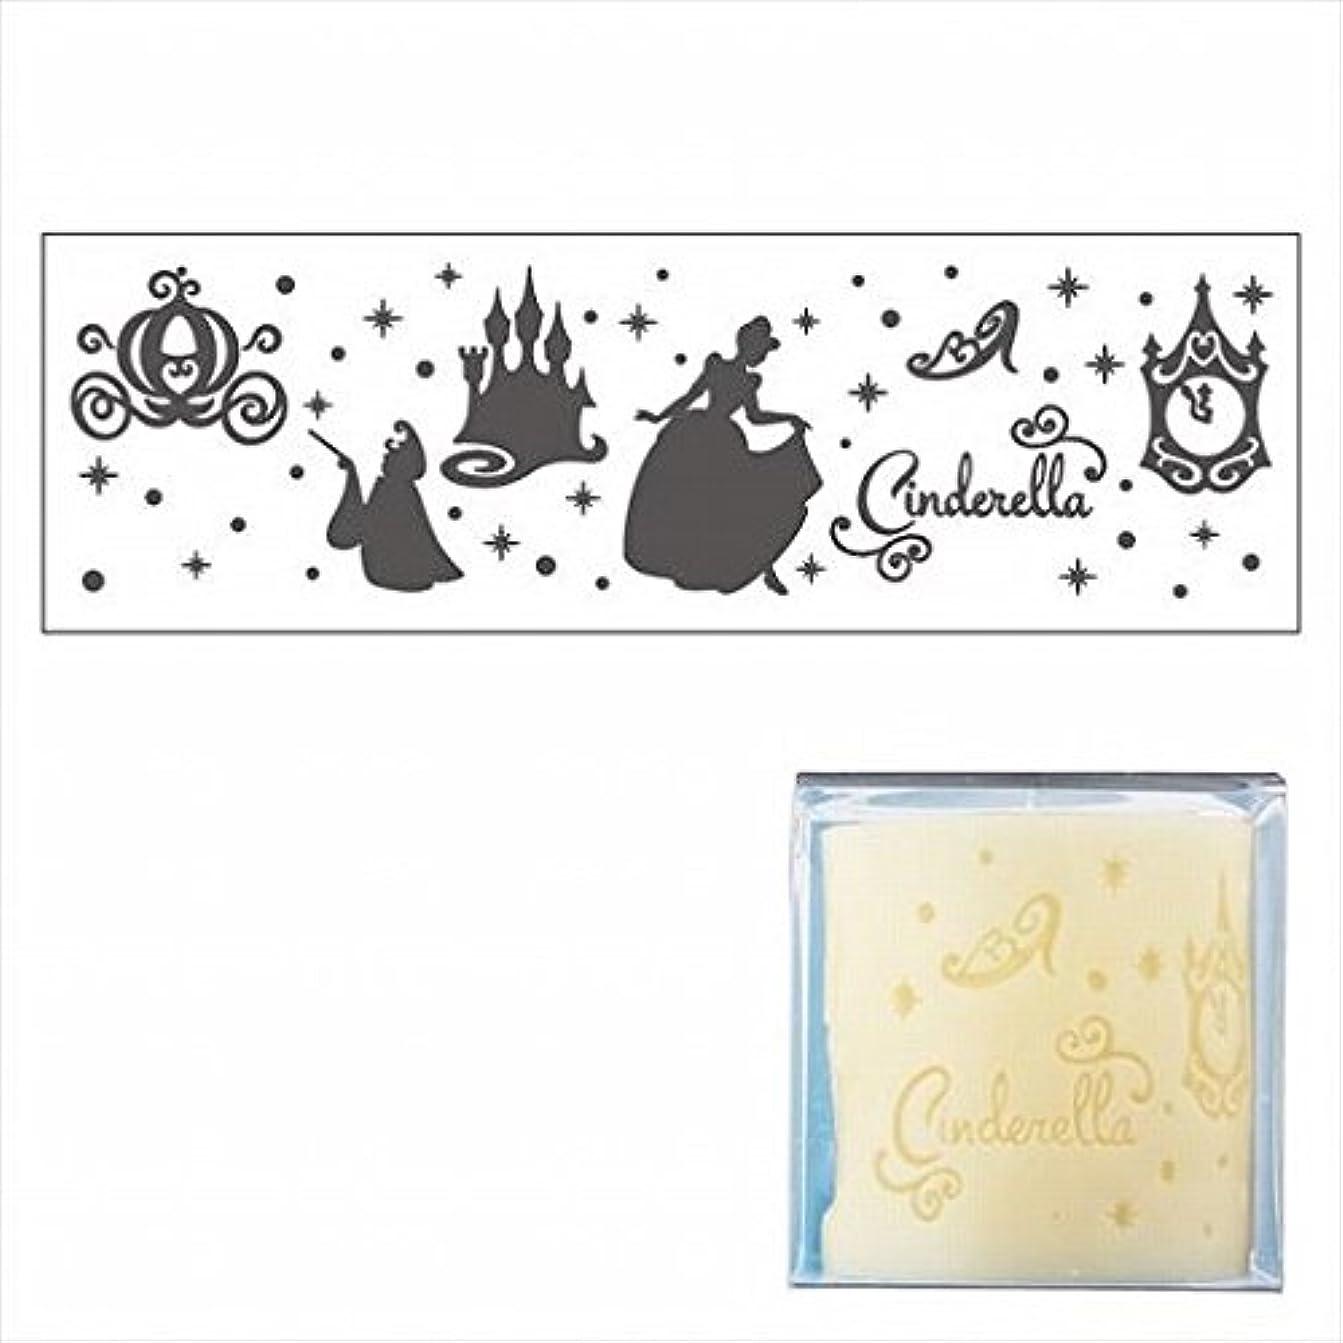 付与ピラミッド研磨剤kameyama candle(カメヤマキャンドル) ディズニーLEDキャンドル 「 シンデレラ 」(A4320030)